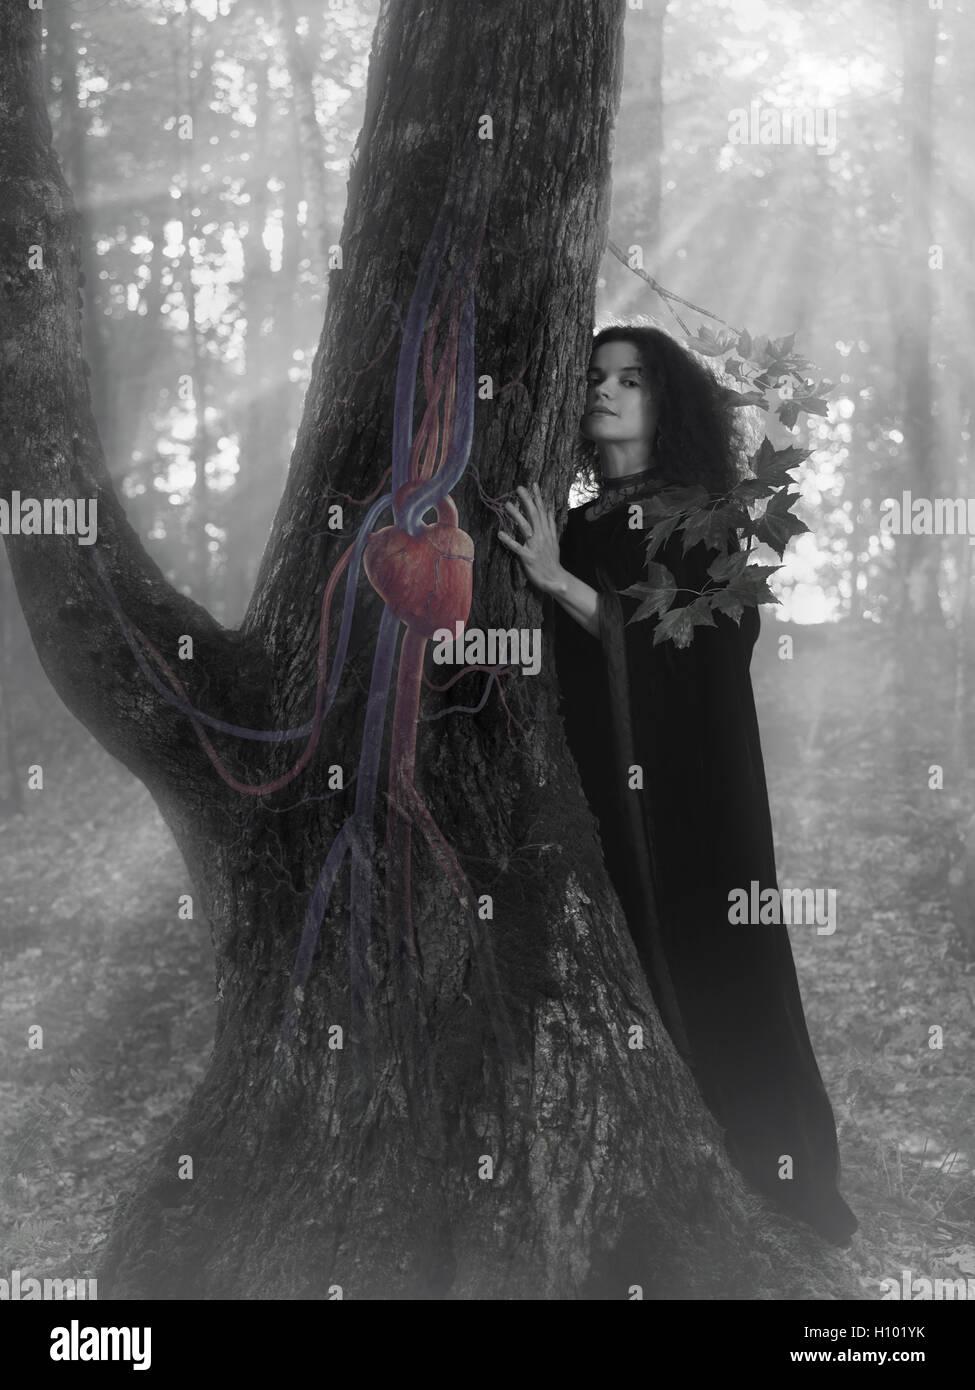 Mujer druida en el bosque escuchar el latido del corazón de un árbol, artístico conceptual ilustración Imagen De Stock